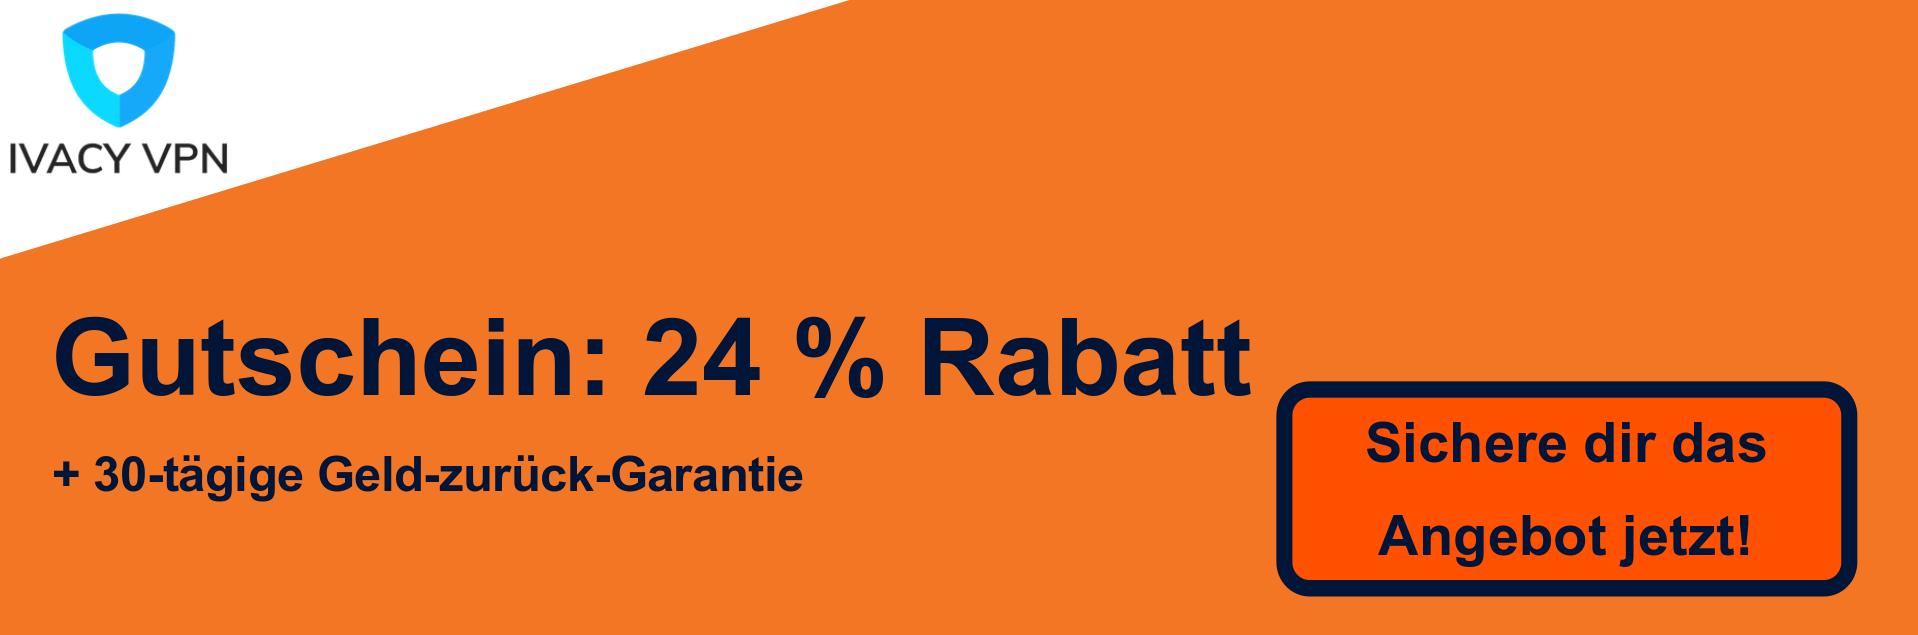 Ivacy VPN Coupon Banner - 24% Rabatt